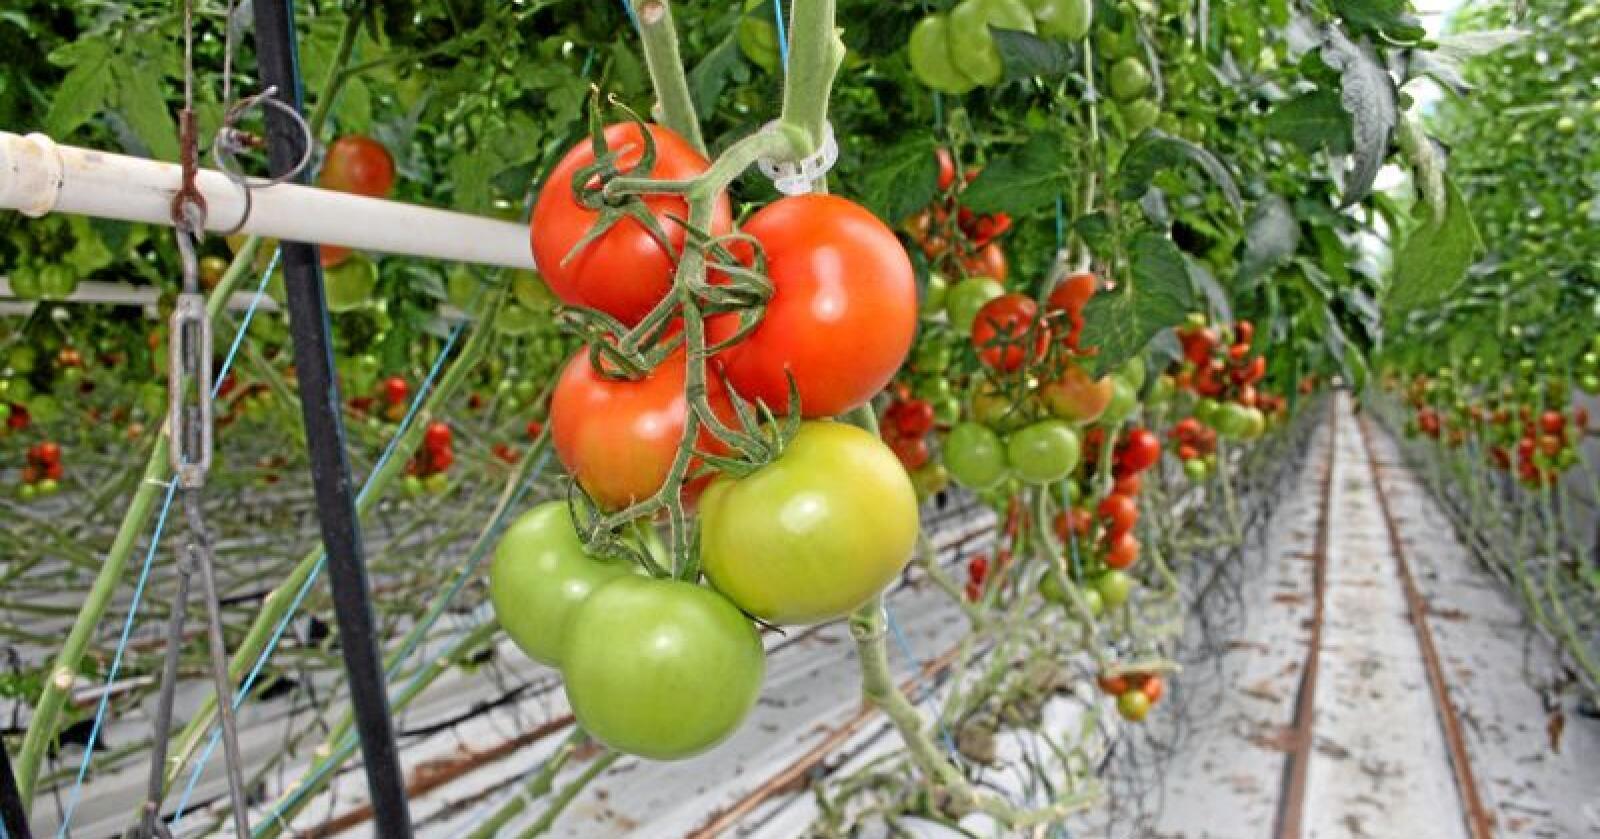 Grøntnæring: Det er rom for å øke norsk grøntproduksjon, men vi må ha politikerne med oss, skriver kronikkforfatteren. Foto: Bjarne Bekkeheien Aase